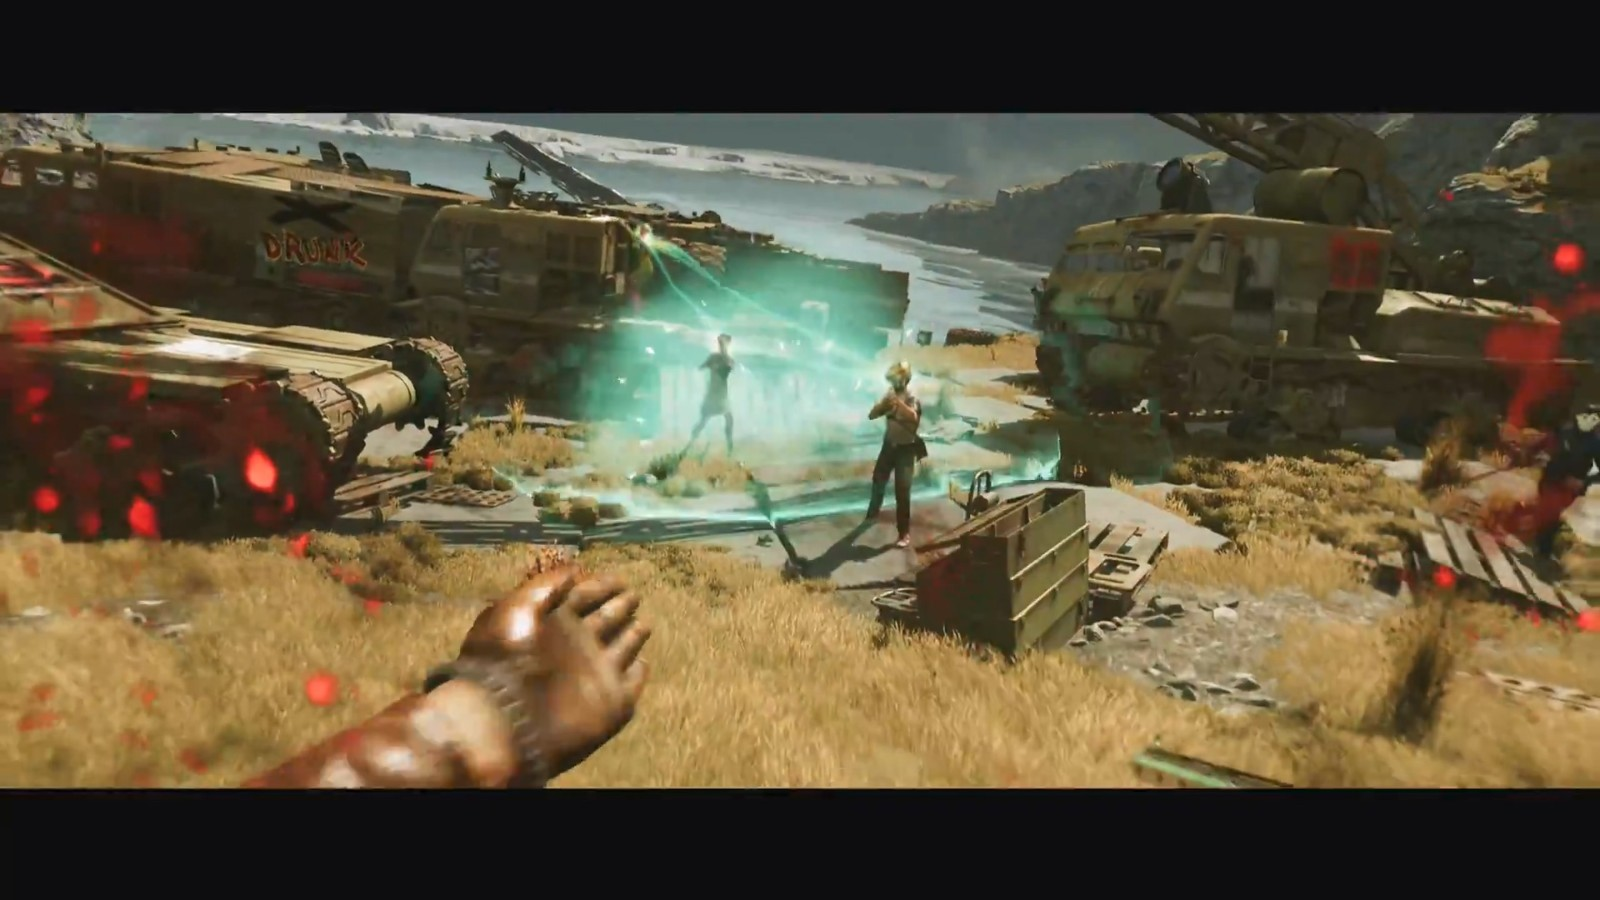 《死亡循环》发售预告 媒体一致好评游戏来袭